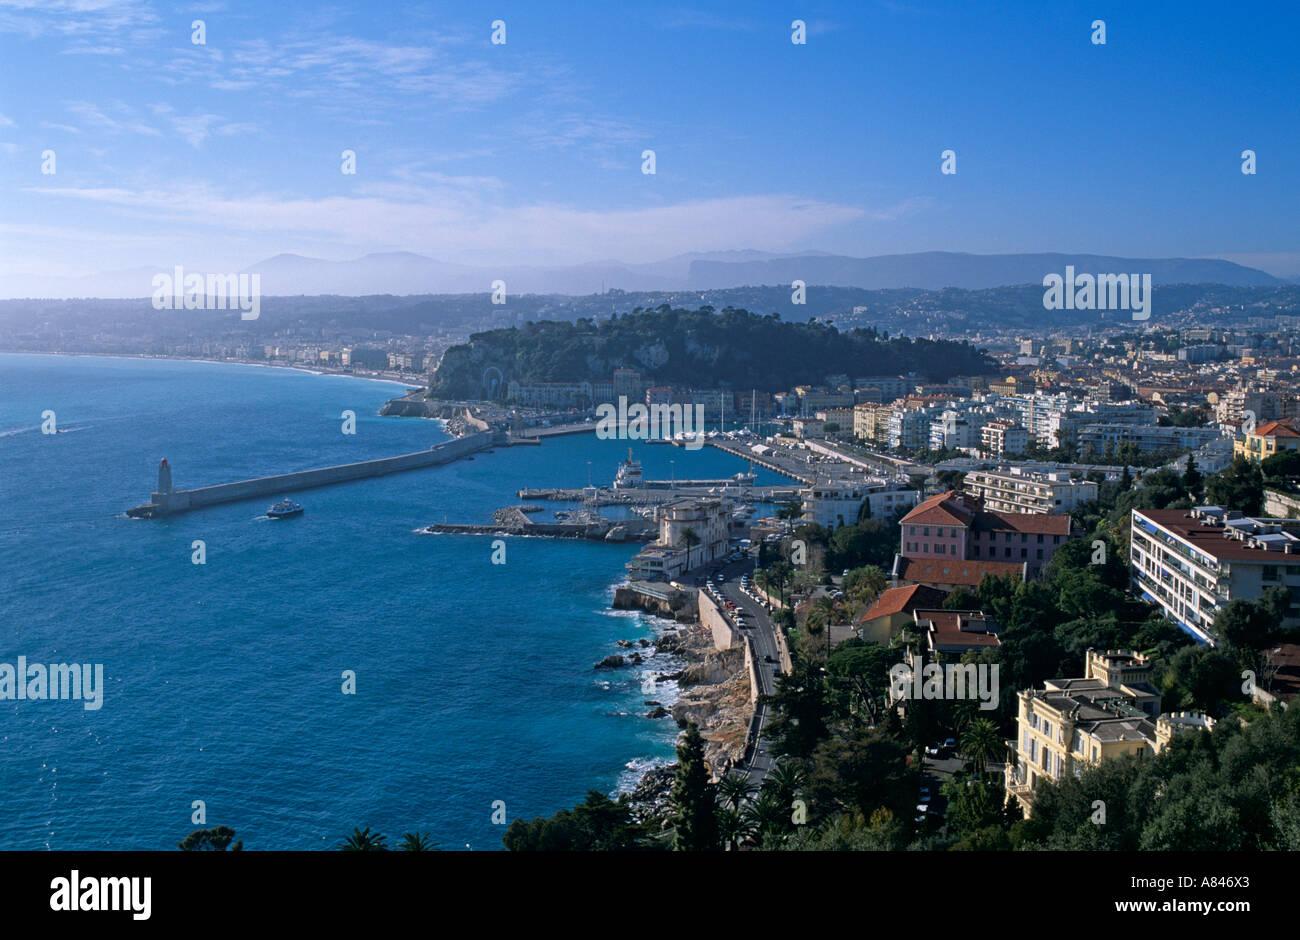 Frankreich. Schön. Totale mit Blick auf Hafen und der größte Teil der Stadt auf dem Wasser hinter Berg. . Stockbild